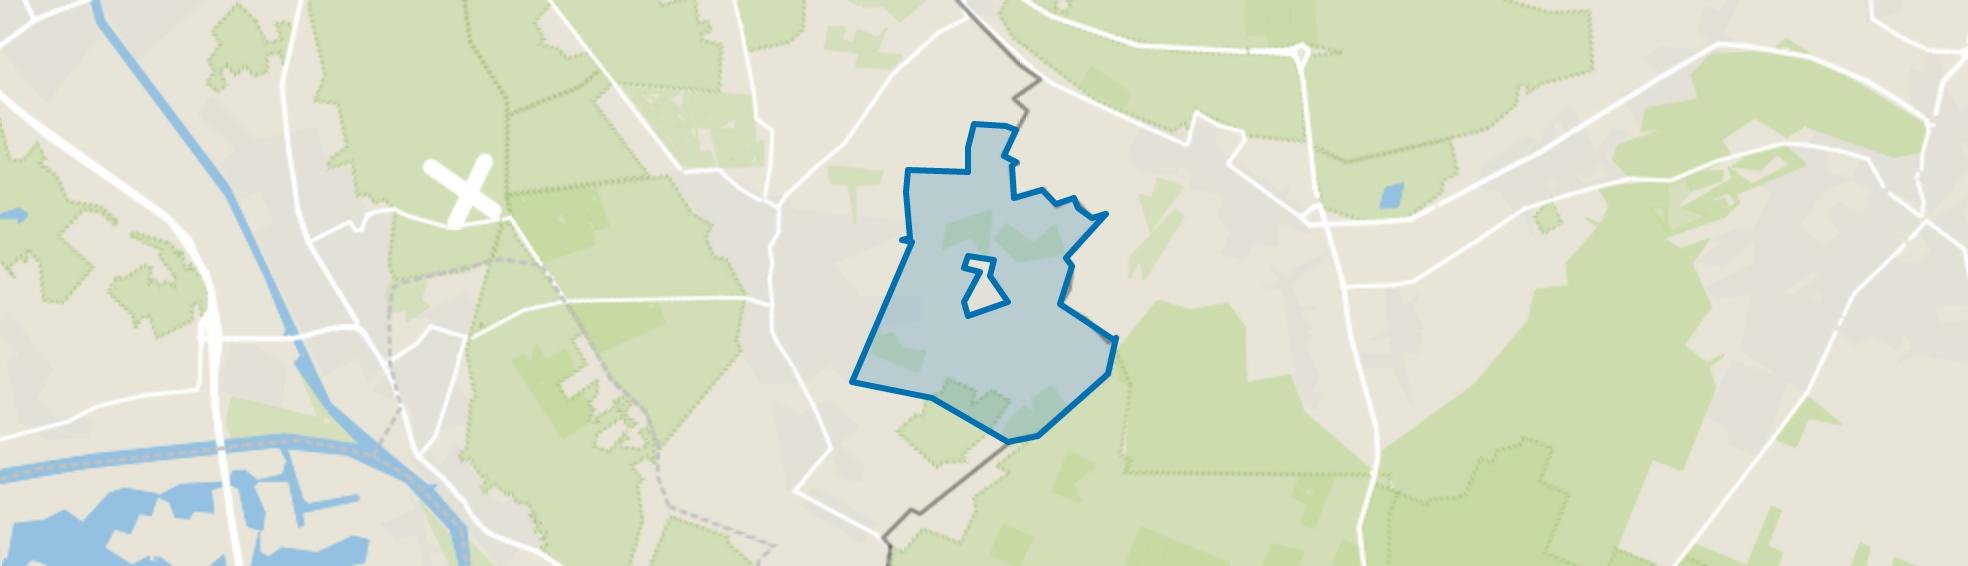 Buitengebied De Horst, Groesbeek map